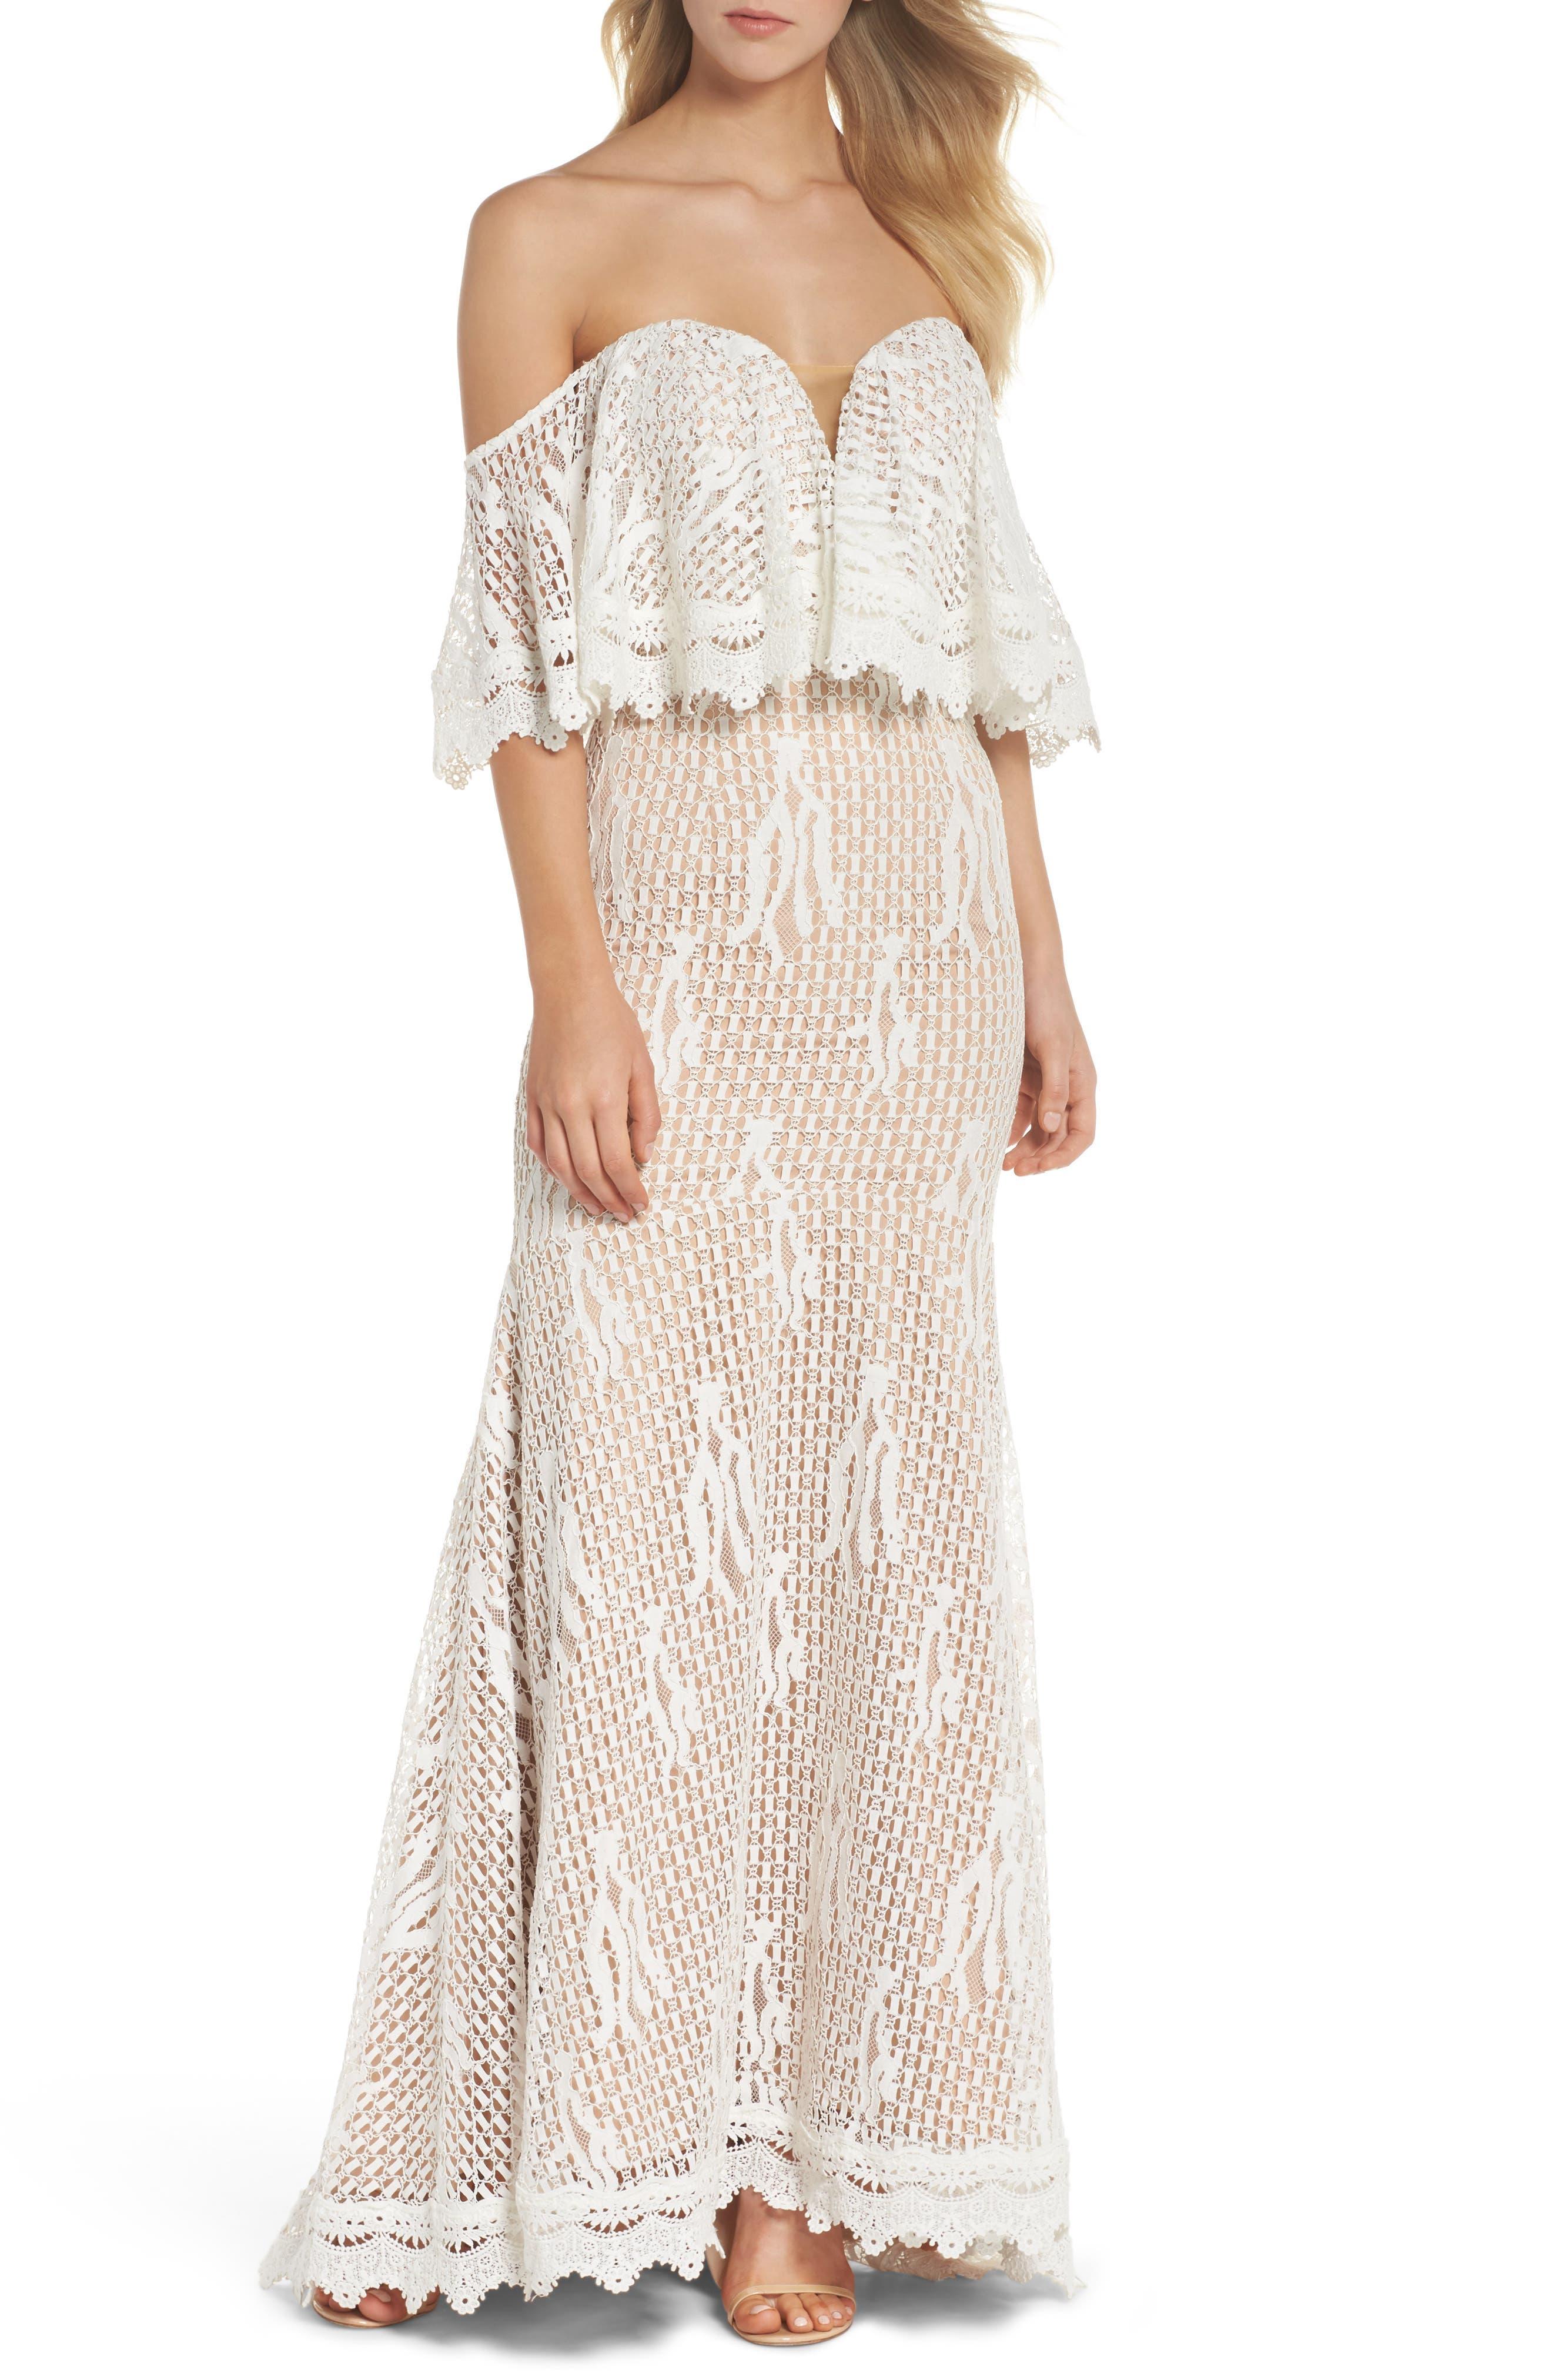 Davilea Off the Shoulder Lace Gown,                             Main thumbnail 1, color,                             900